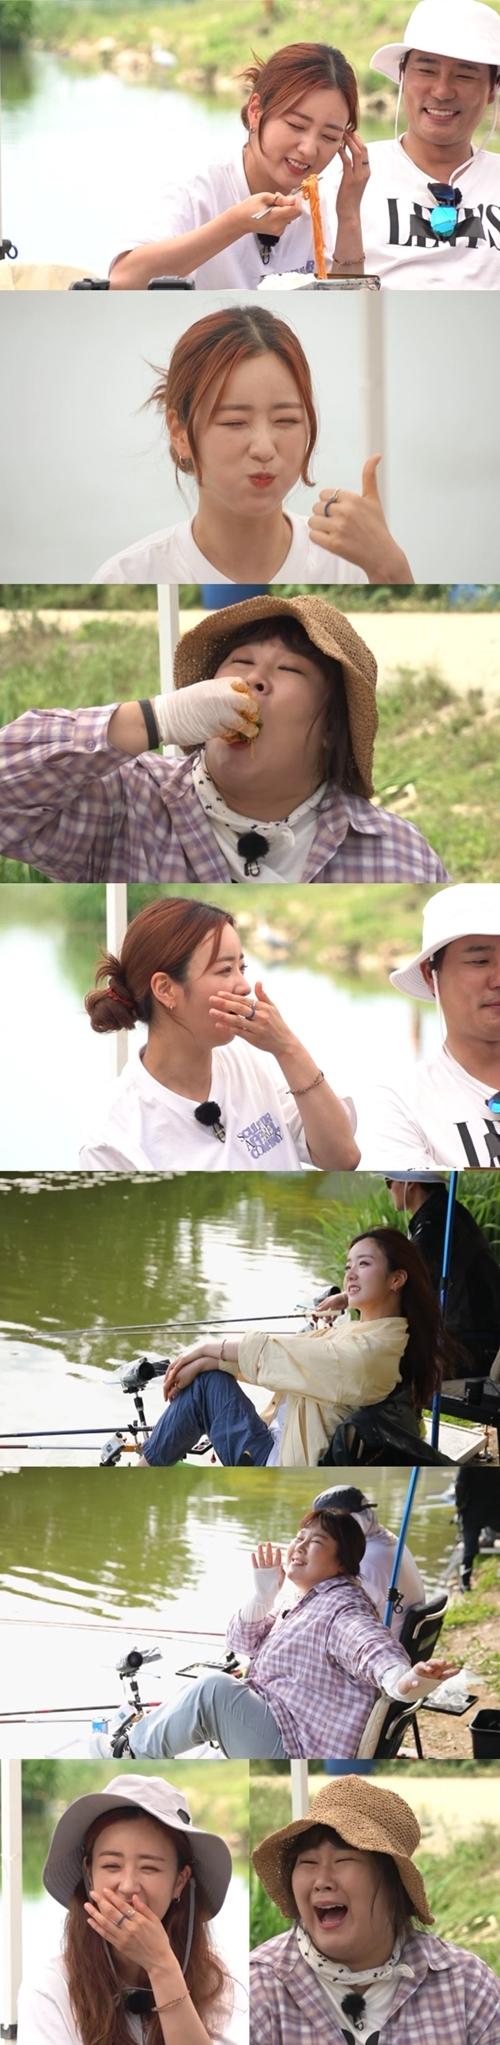 '도시어부2' 김민경과 에이핑크 윤보미가 같은 포즈 다른 느낌을 보인다. 사진=채널A 도시어부 시즌2